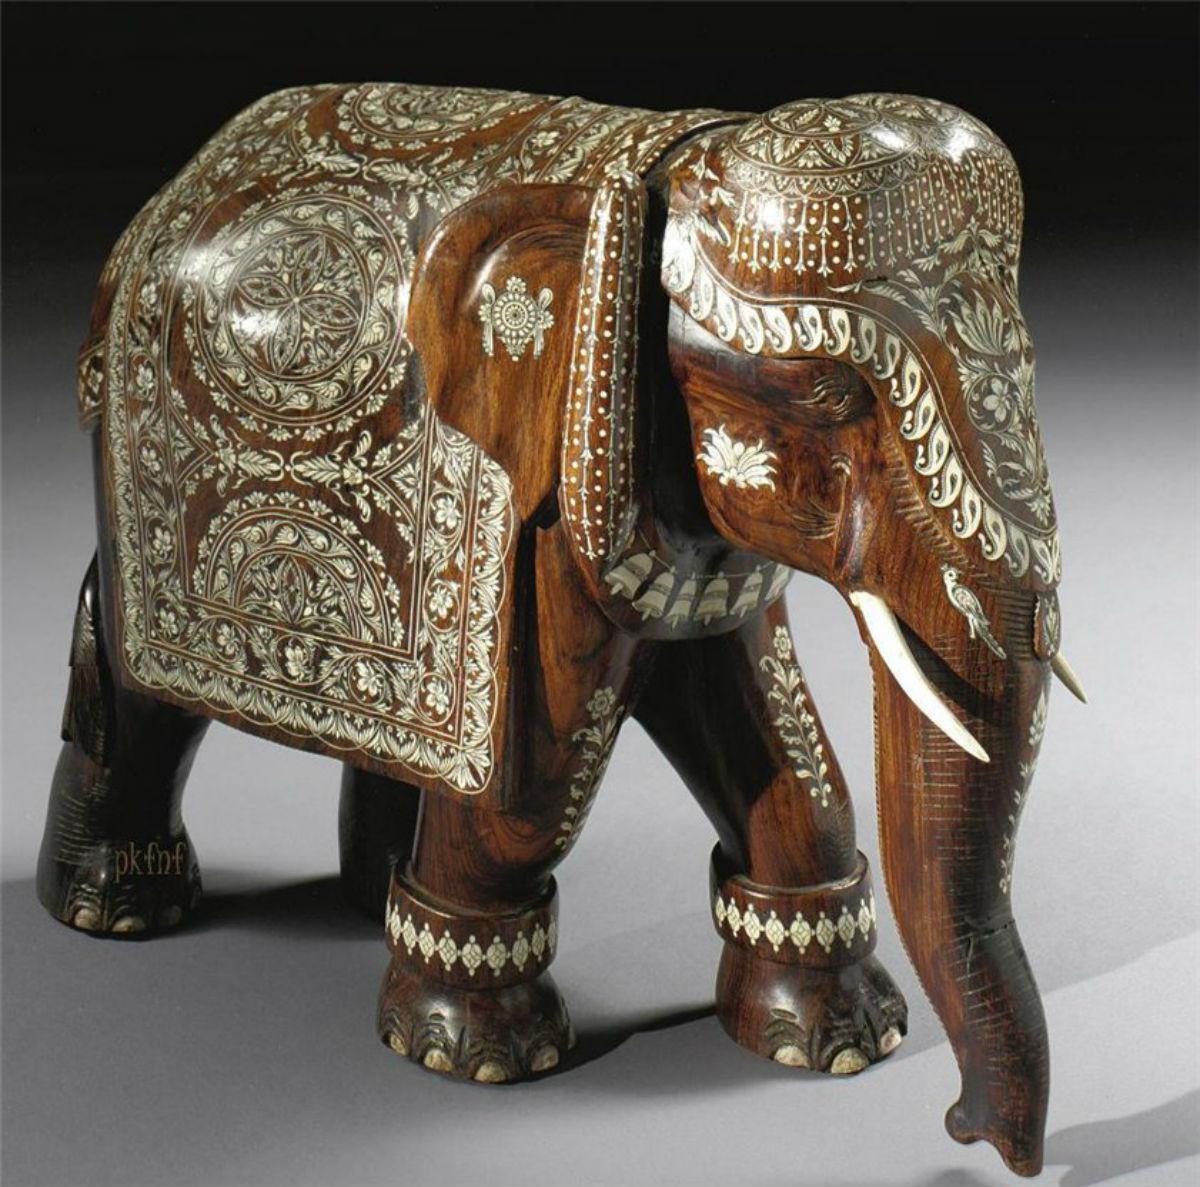 Обязательно заберите себе слона на удачу! Гарантируем успех и благополучие!